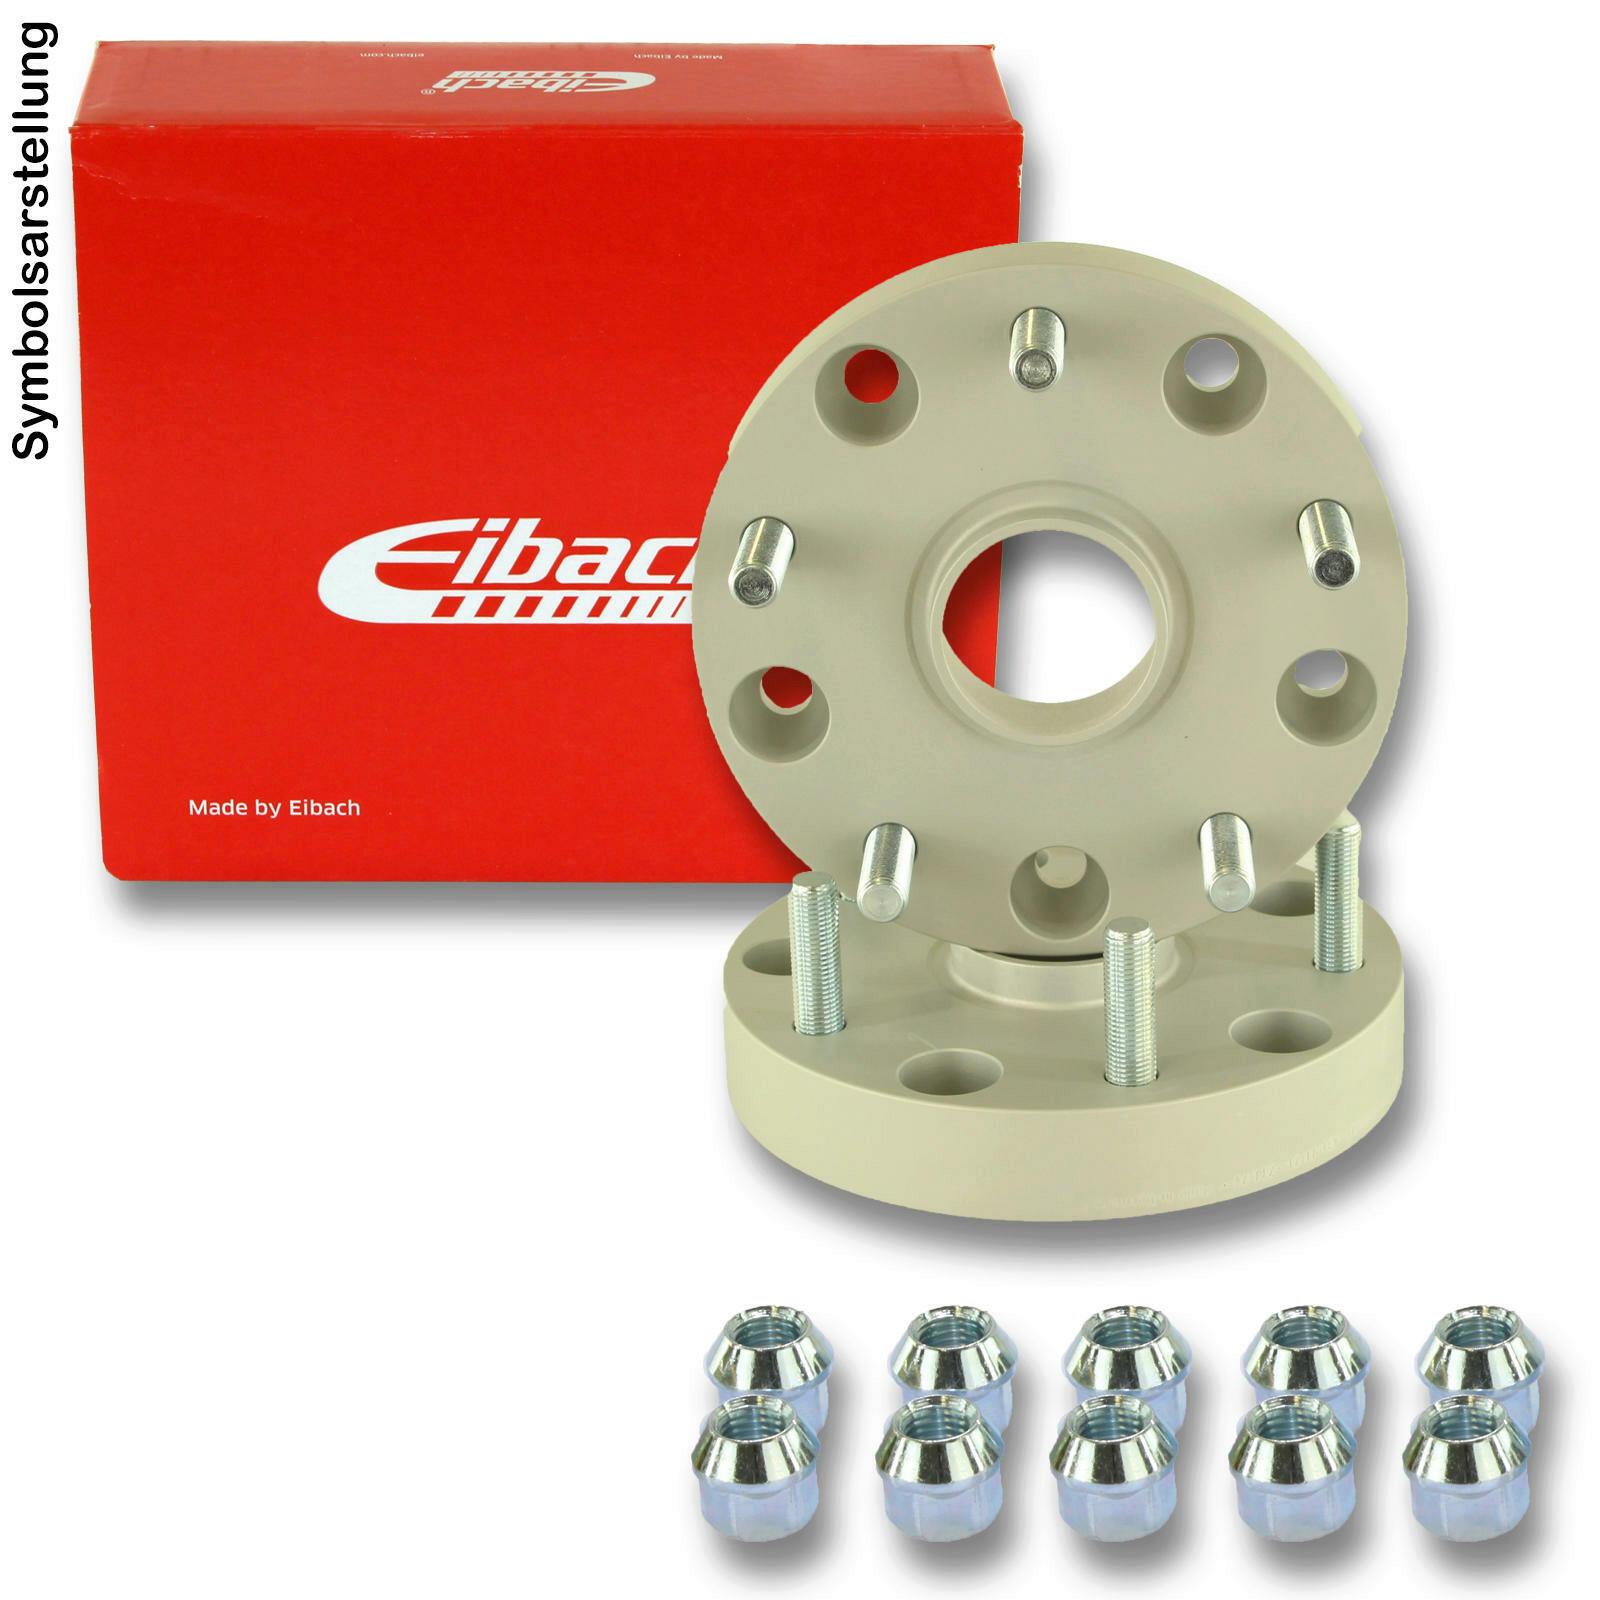 EIBACH Spurplatten Spurverbreiterung Distanzscheibe /Ø72,5 5x120 40mm //// 2x20mm Bremsenreiniger